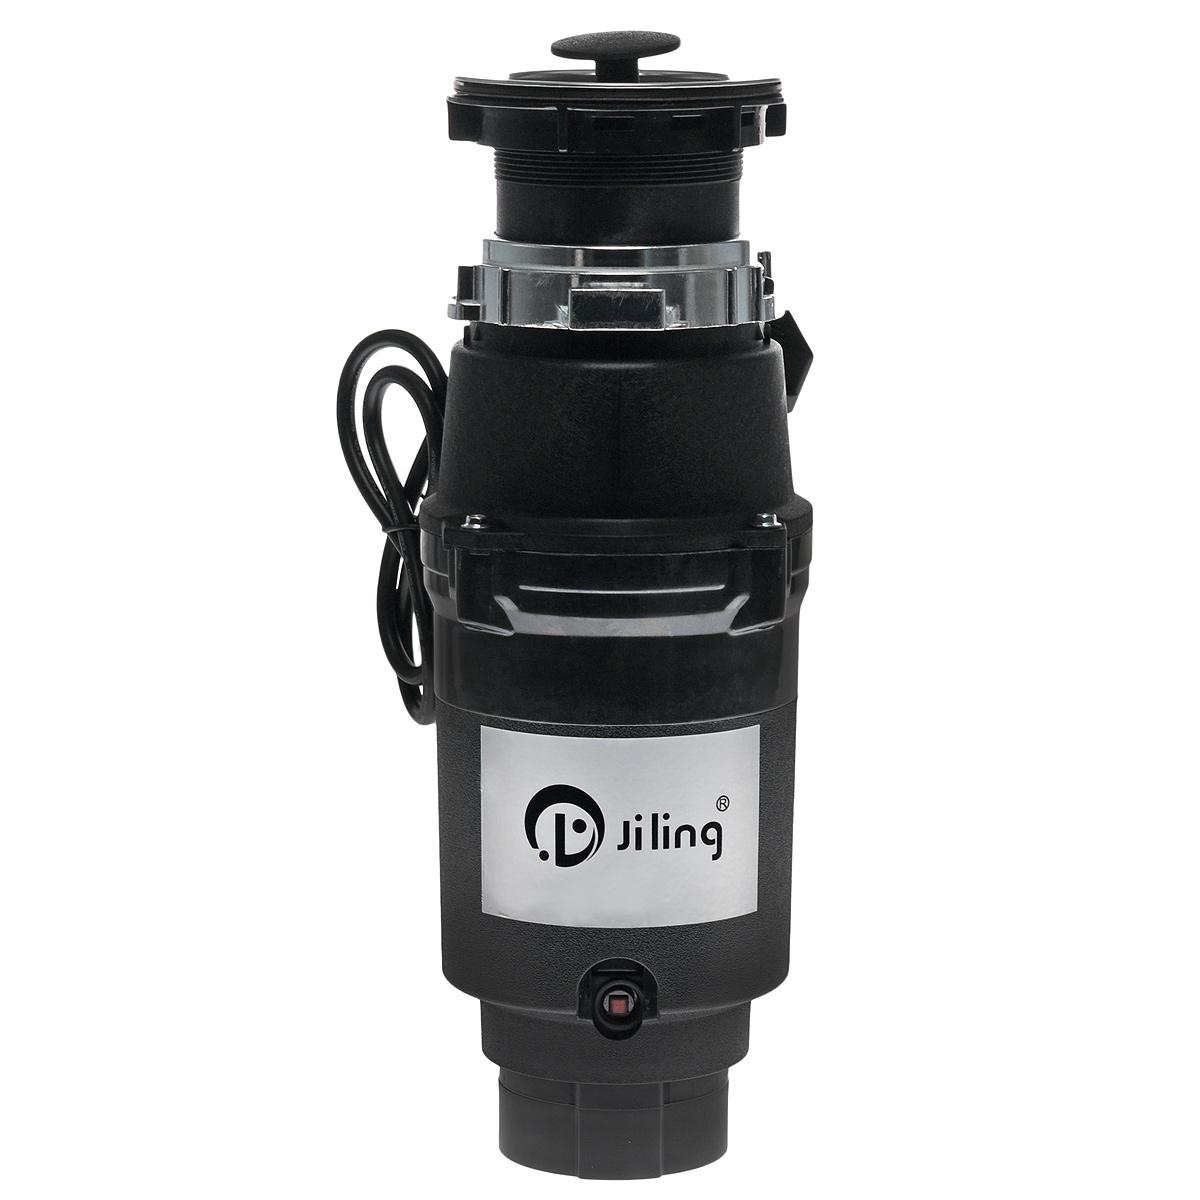 Измельчитель пищевых отходов Jiling FCD-320FCD-320Измельчитель бытовых отходов Jiling FCD-320 предназначен для установки в кухонных помещениях. Имеет хорошую звукоизоляцию, что делает его практически бесшумным. Тип мотора: магнитный моторНапряжение: 220-240 ВДиаметр измельчителя: 11,5 см.Скорость двигателя без нагрузки: 3600 об/минНепрерывная подачаФункция Anti-jam Функция Dual EMIСпециальный PM двигатель с большим крутящим моментом для высокой производительности Камера измельчения и поворотные рабочие колеса из нержавеющей стали